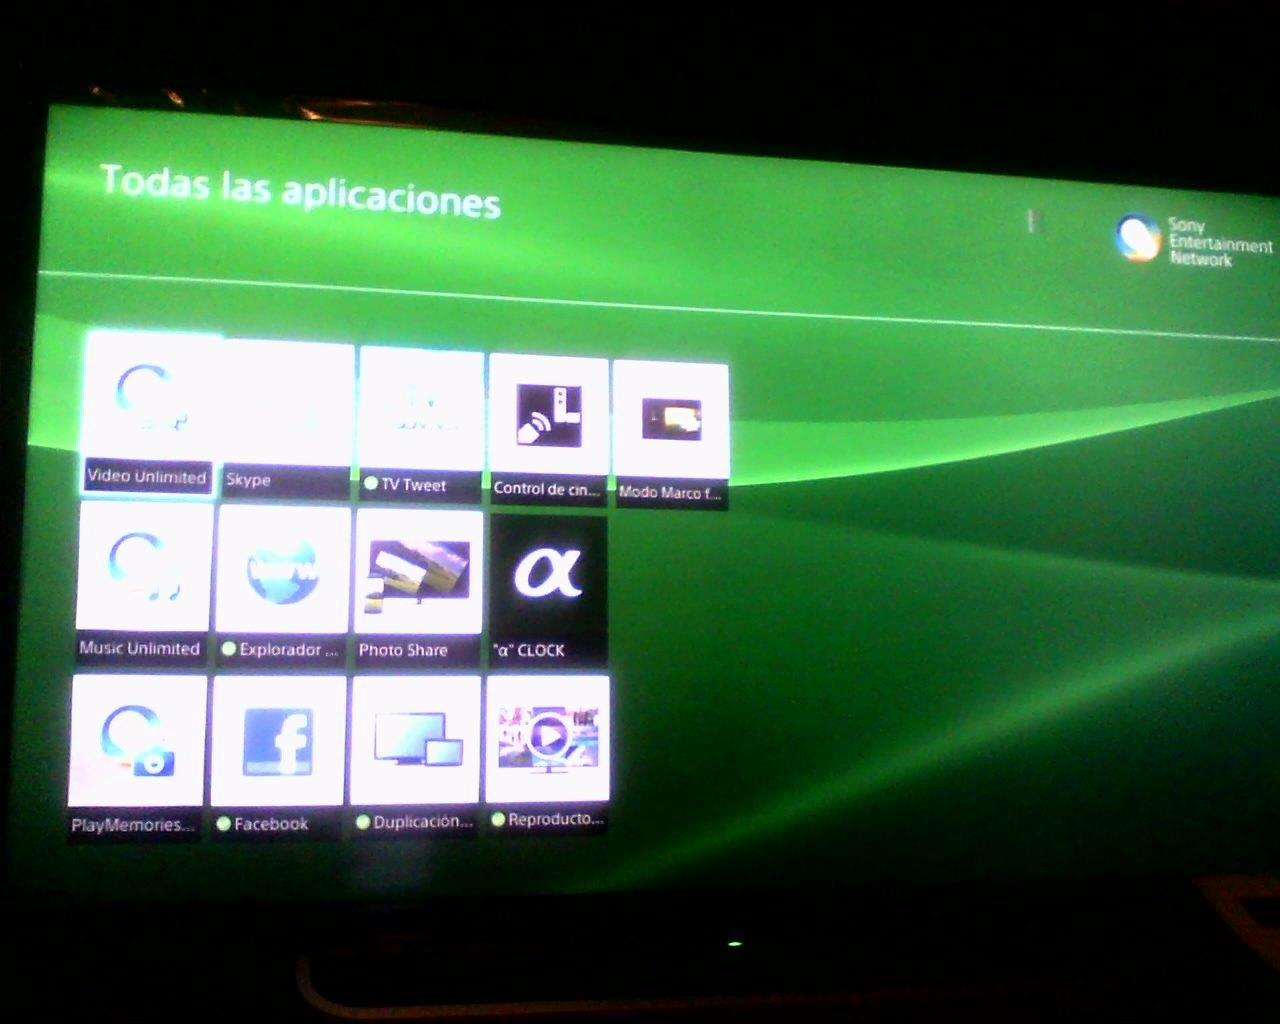 Han desaparecido casi todas las aplicaciones de mi... - Sony